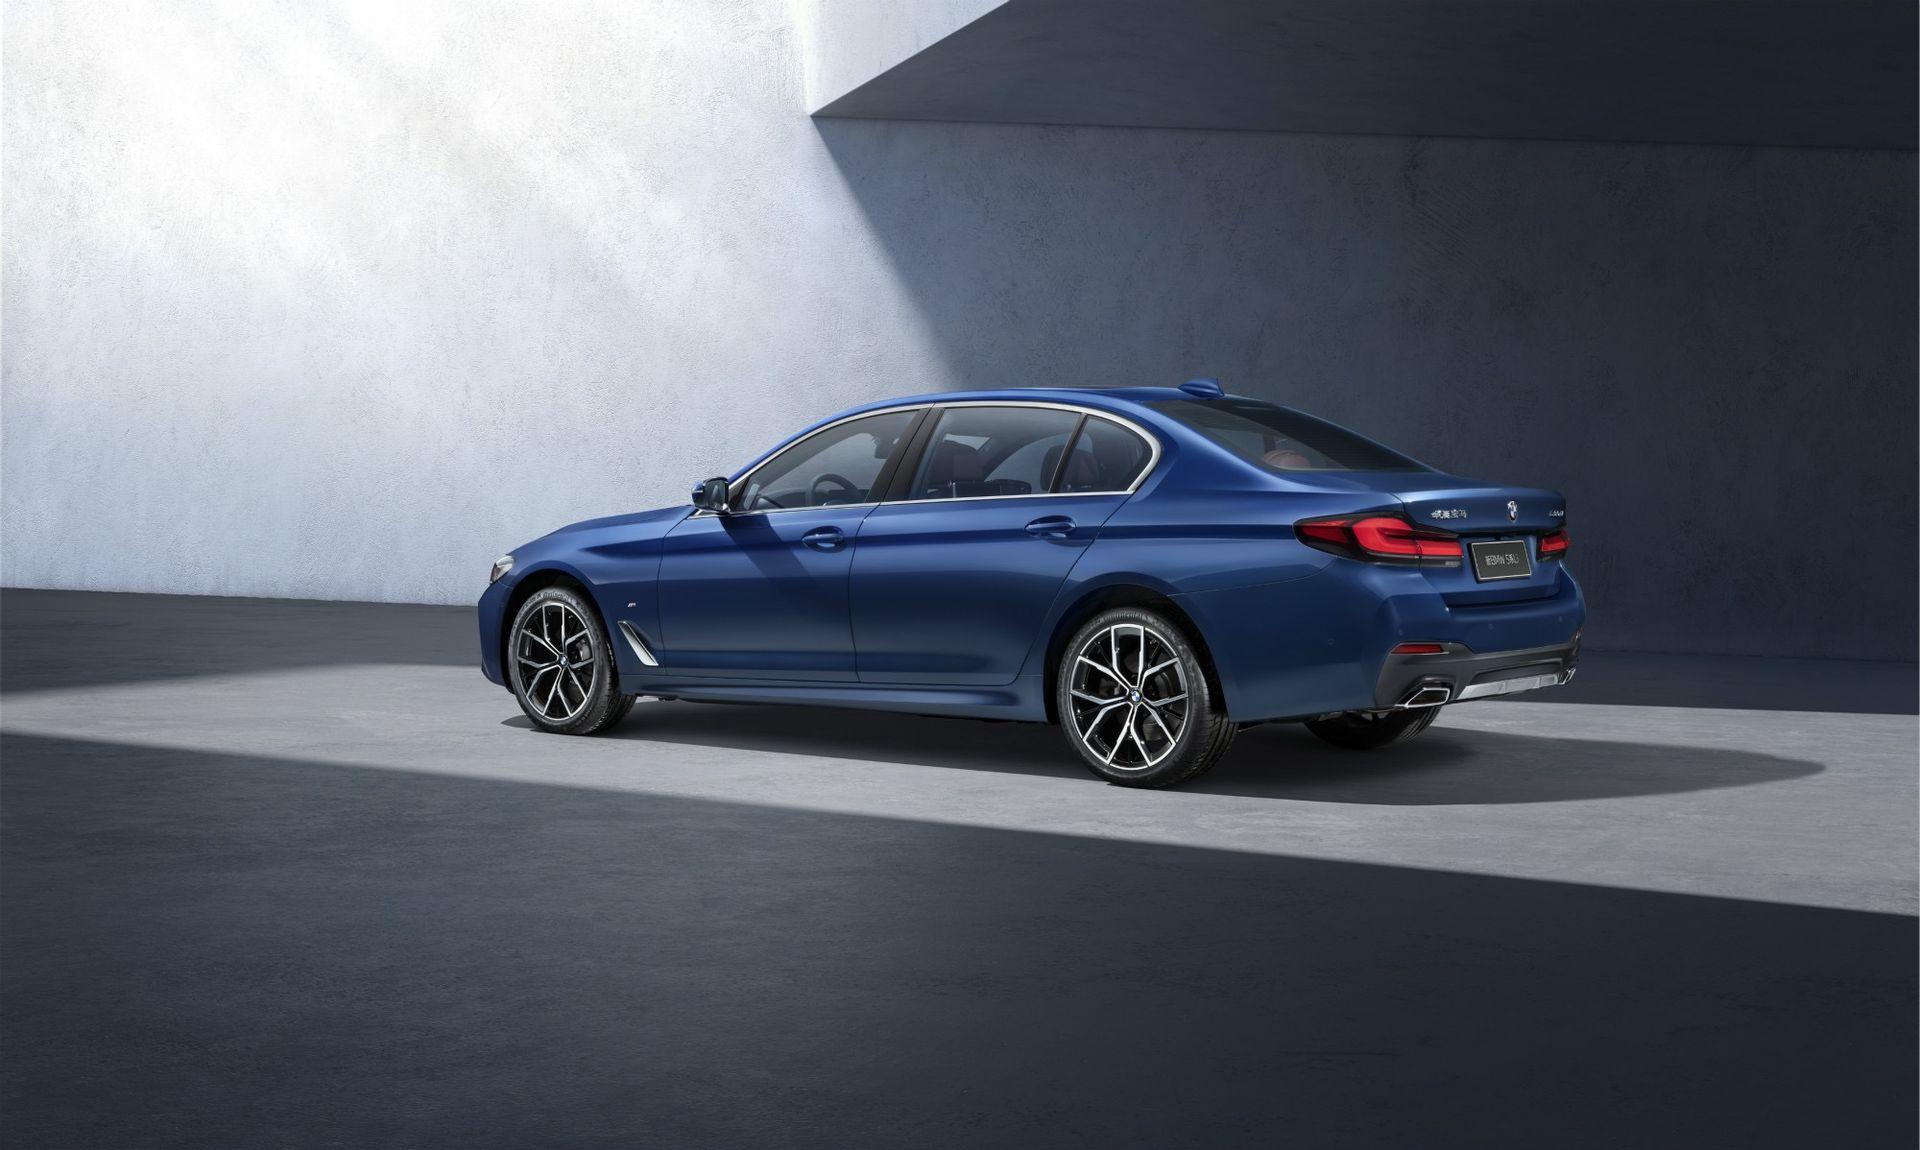 Det här är den långa versionen av nya BMW 5-serie